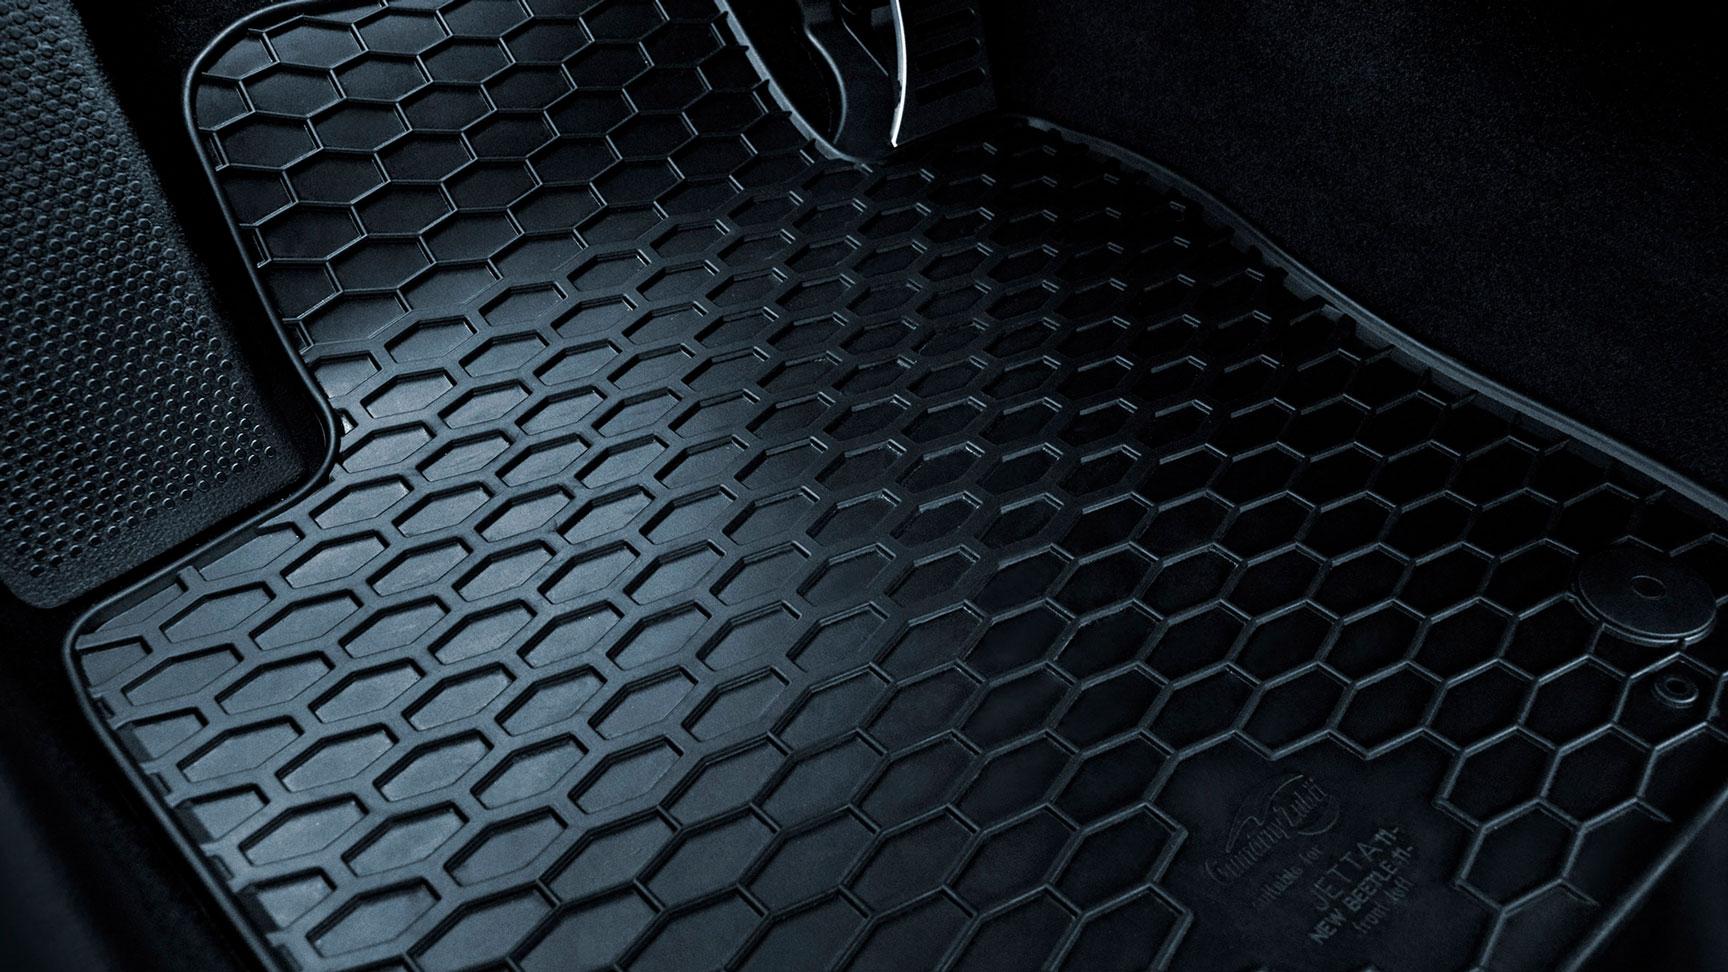 Tapetes originales Volkswagen de goma ajustables para Jetta A6, disponibles en Das WeltAuto